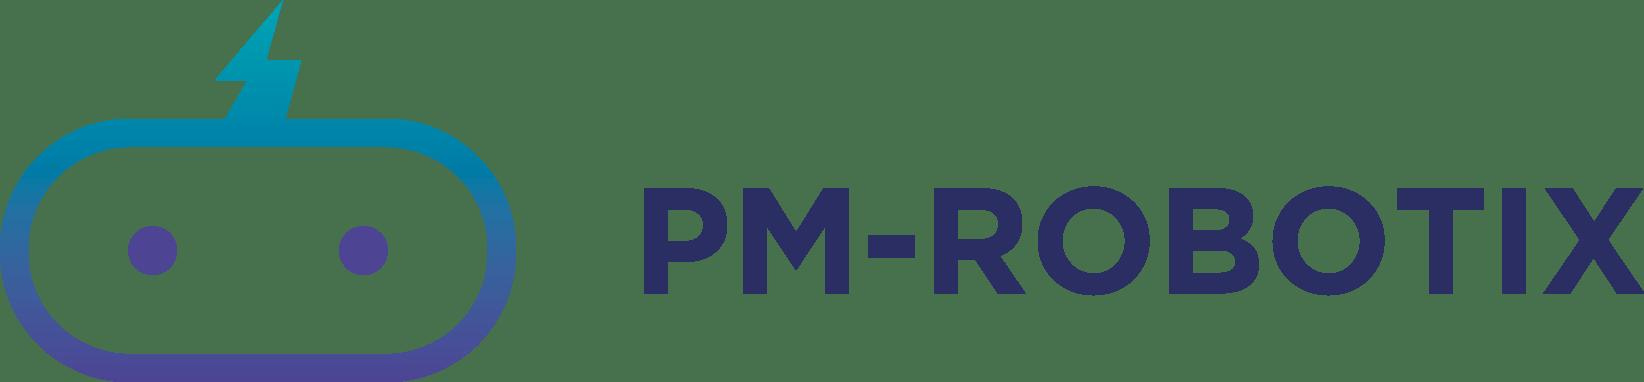 PM ROBOTIX